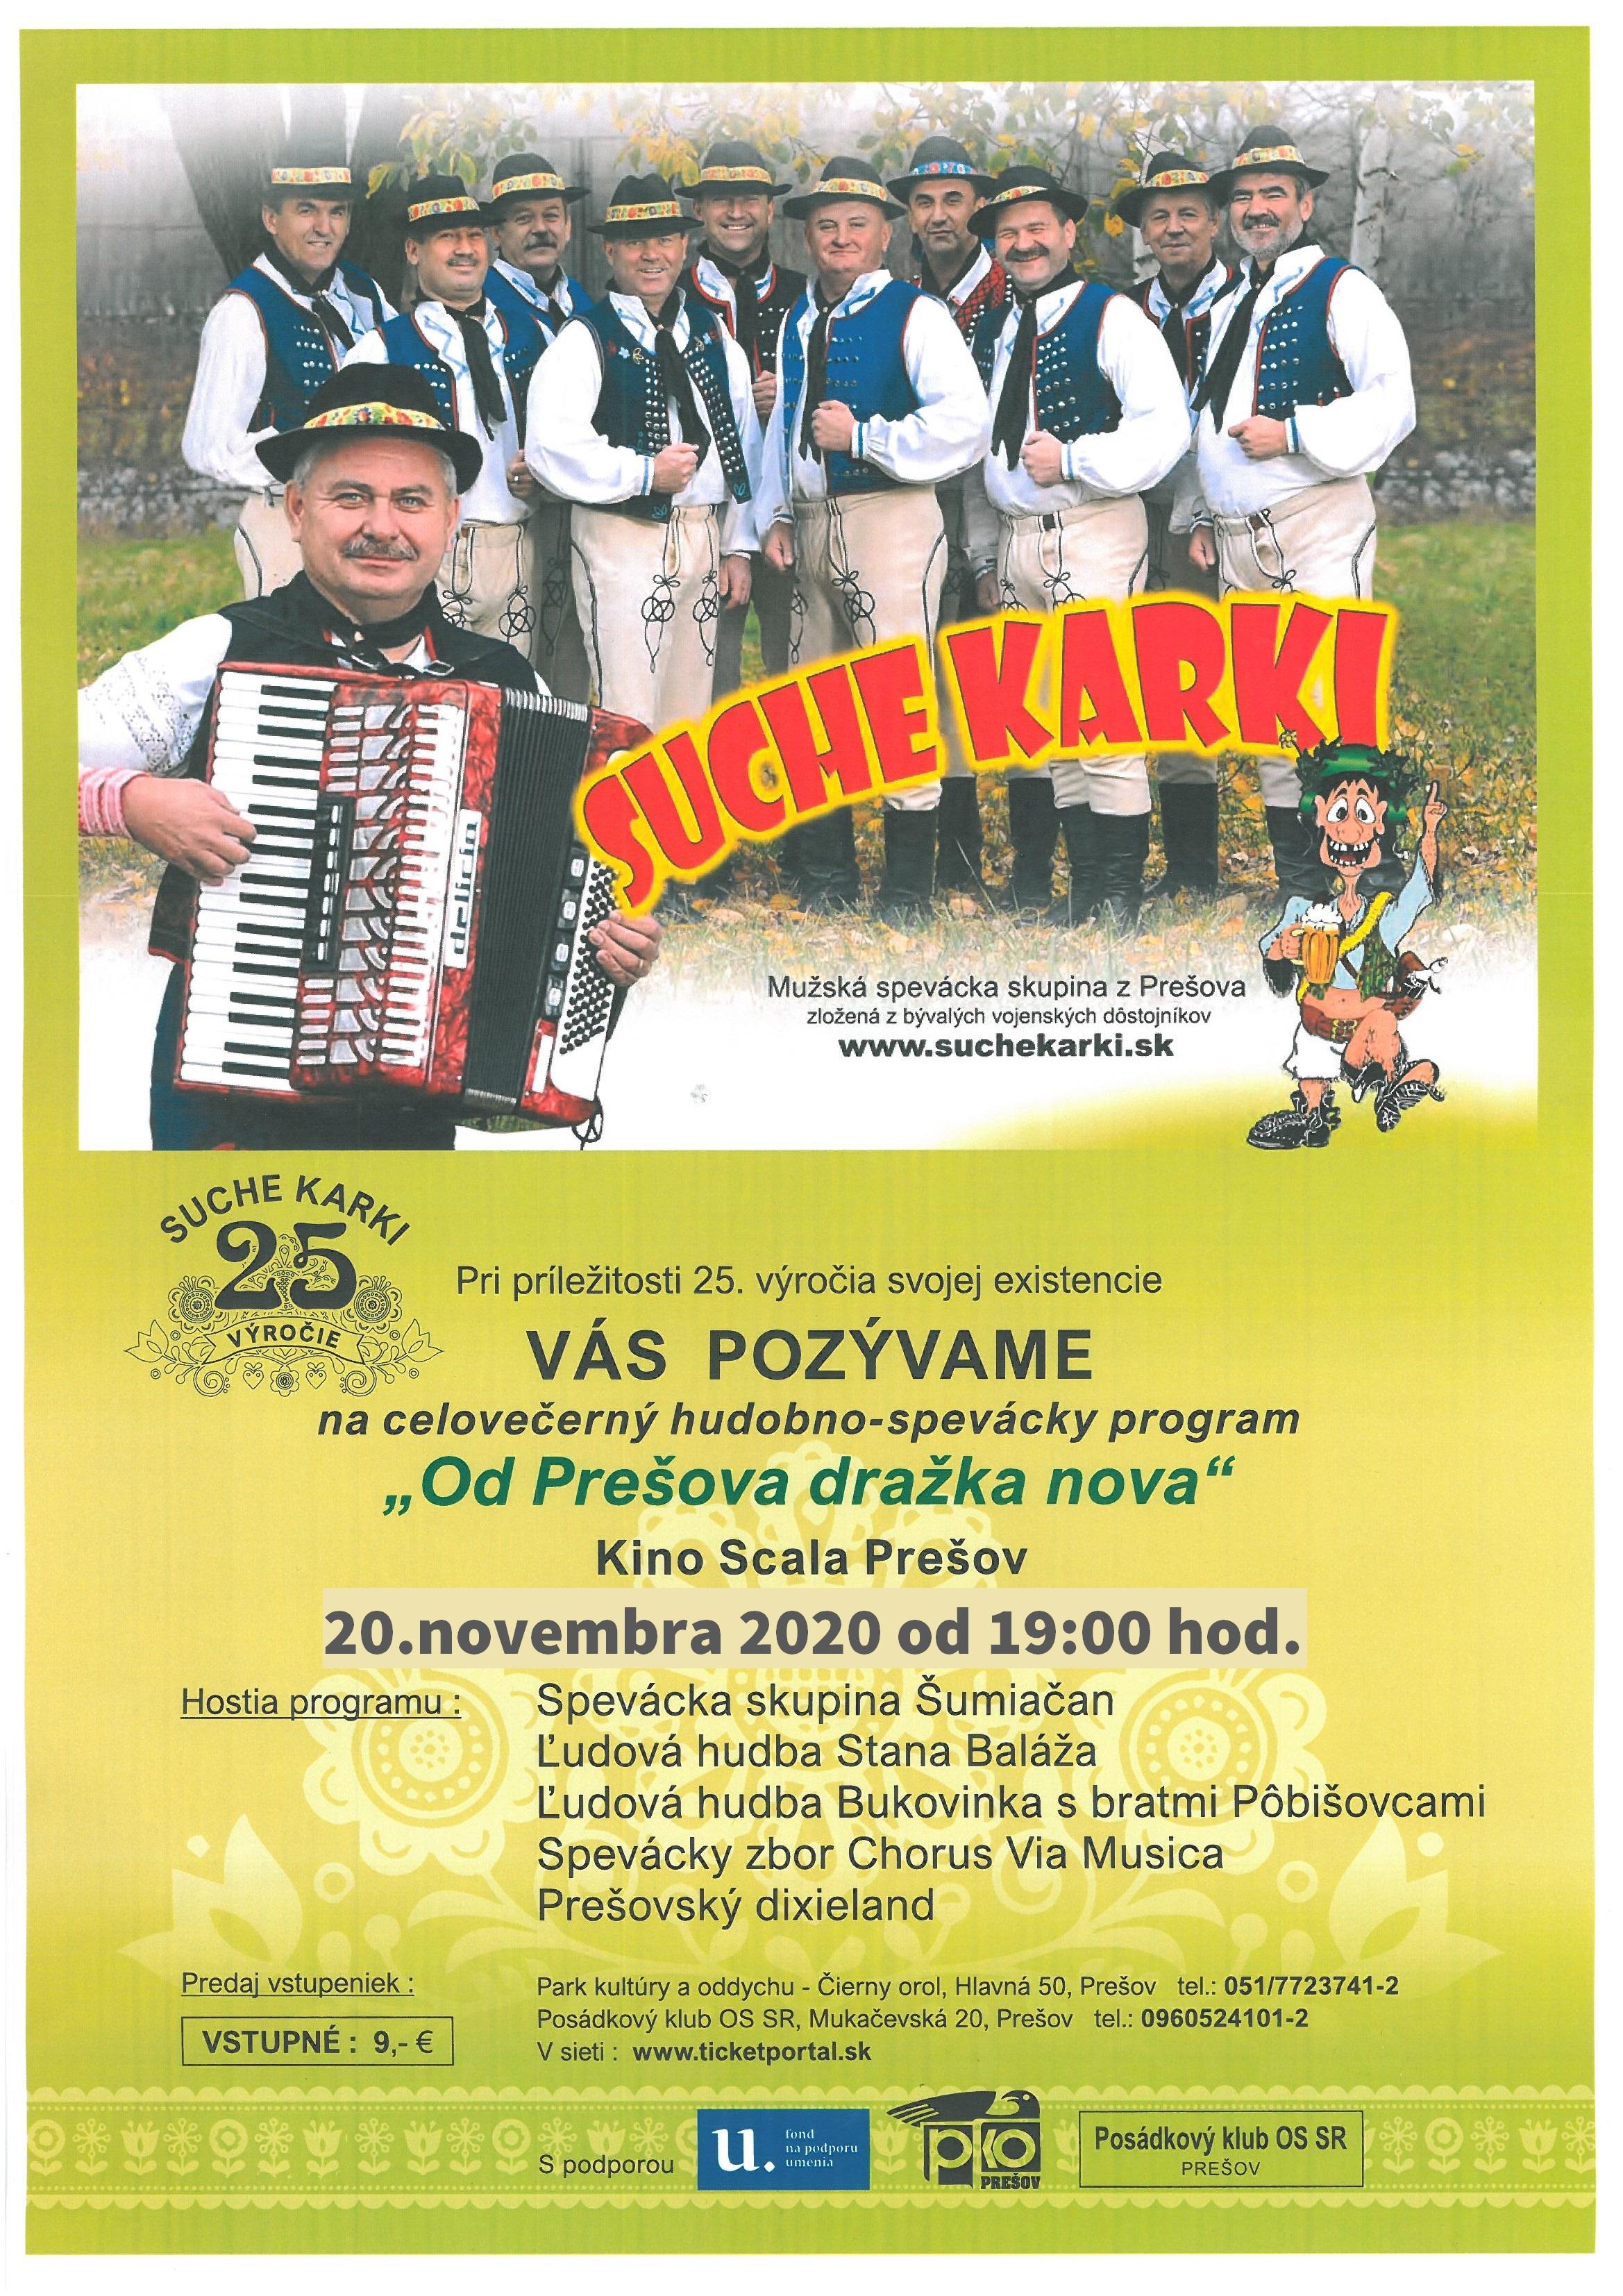 picture SUCHE KARKI Od Prešova dražka nova